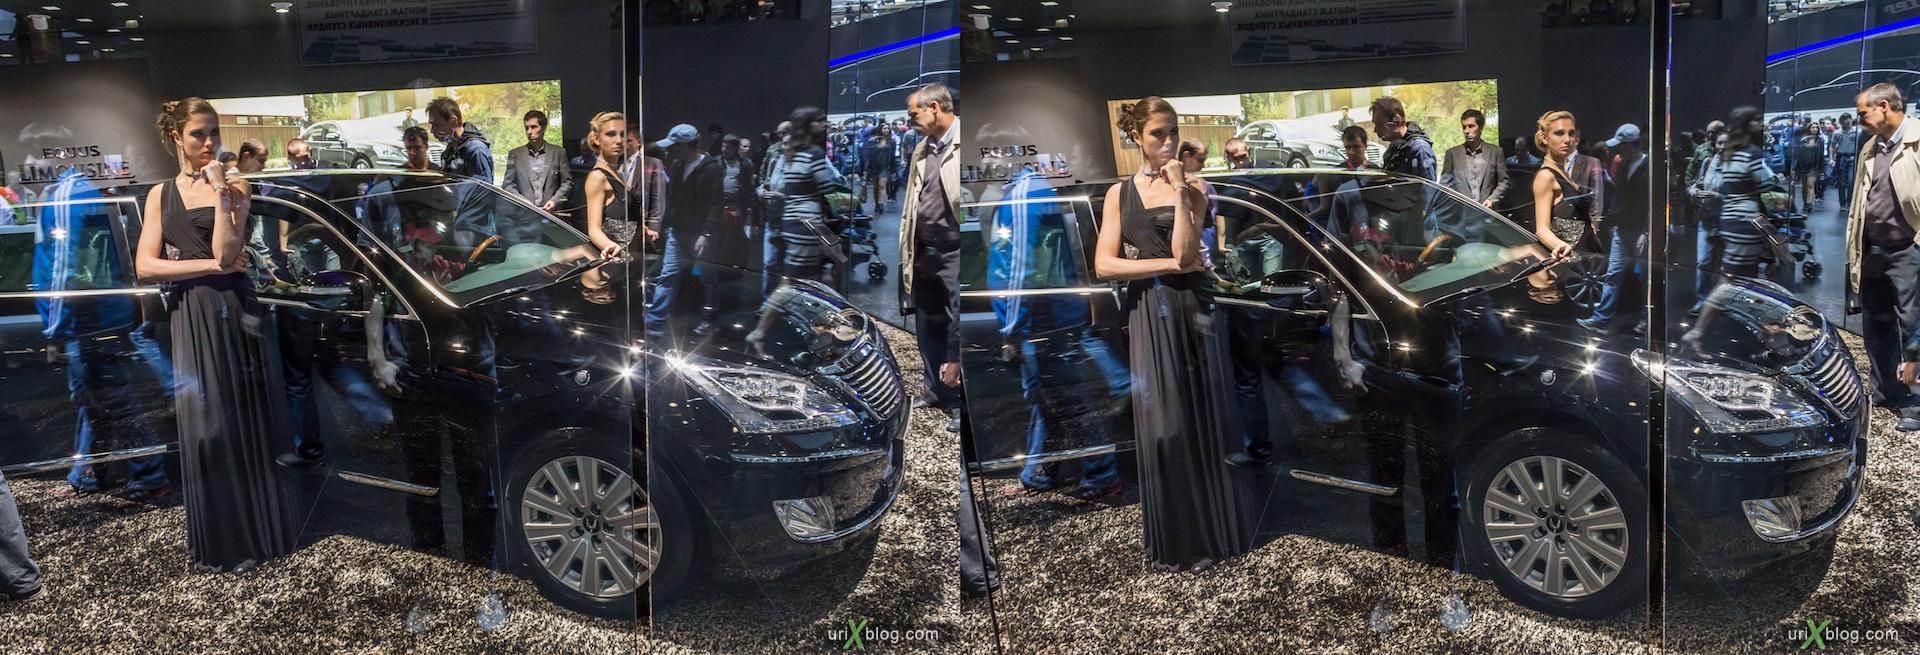 2012, Hyundai Limousine, девушка, модель, Московский международный автомобильный салон, ММАС, Крокус Экспо, 3D, стереопара